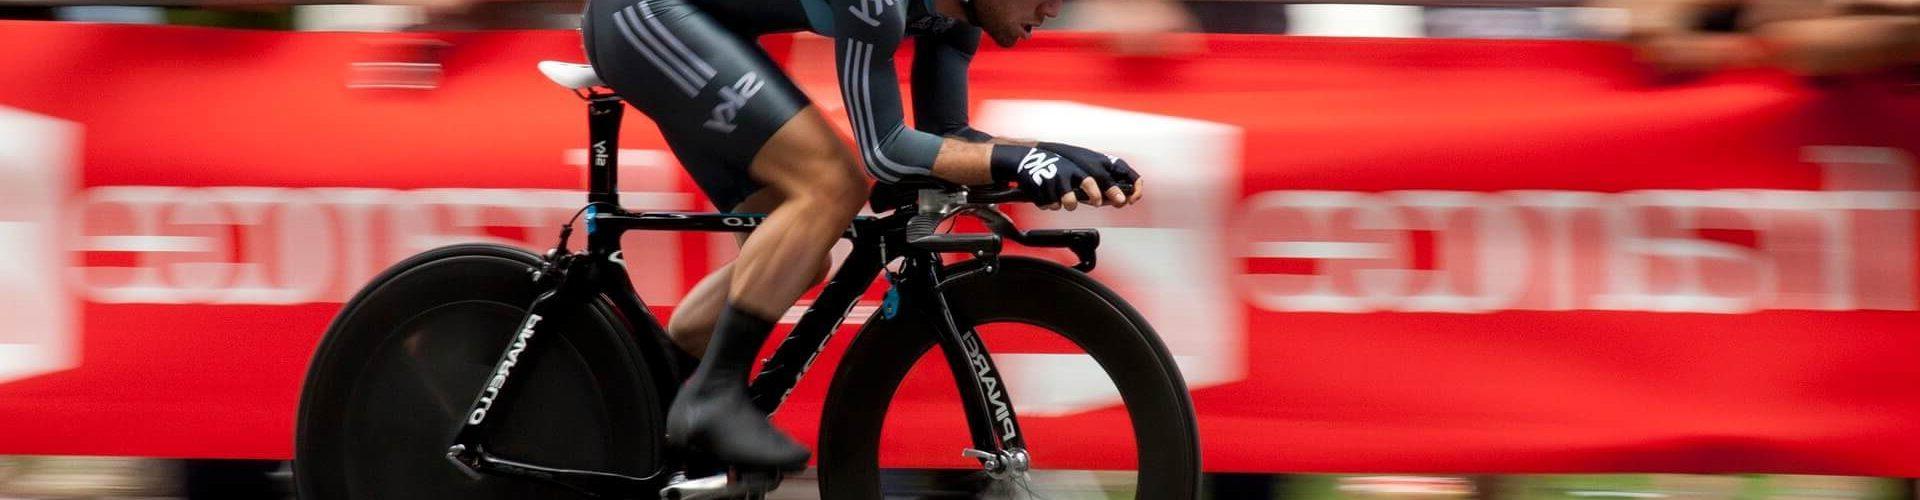 Die Initiativbewerbung - Mann auf dem Fahrrad als Gewinner des Rennens